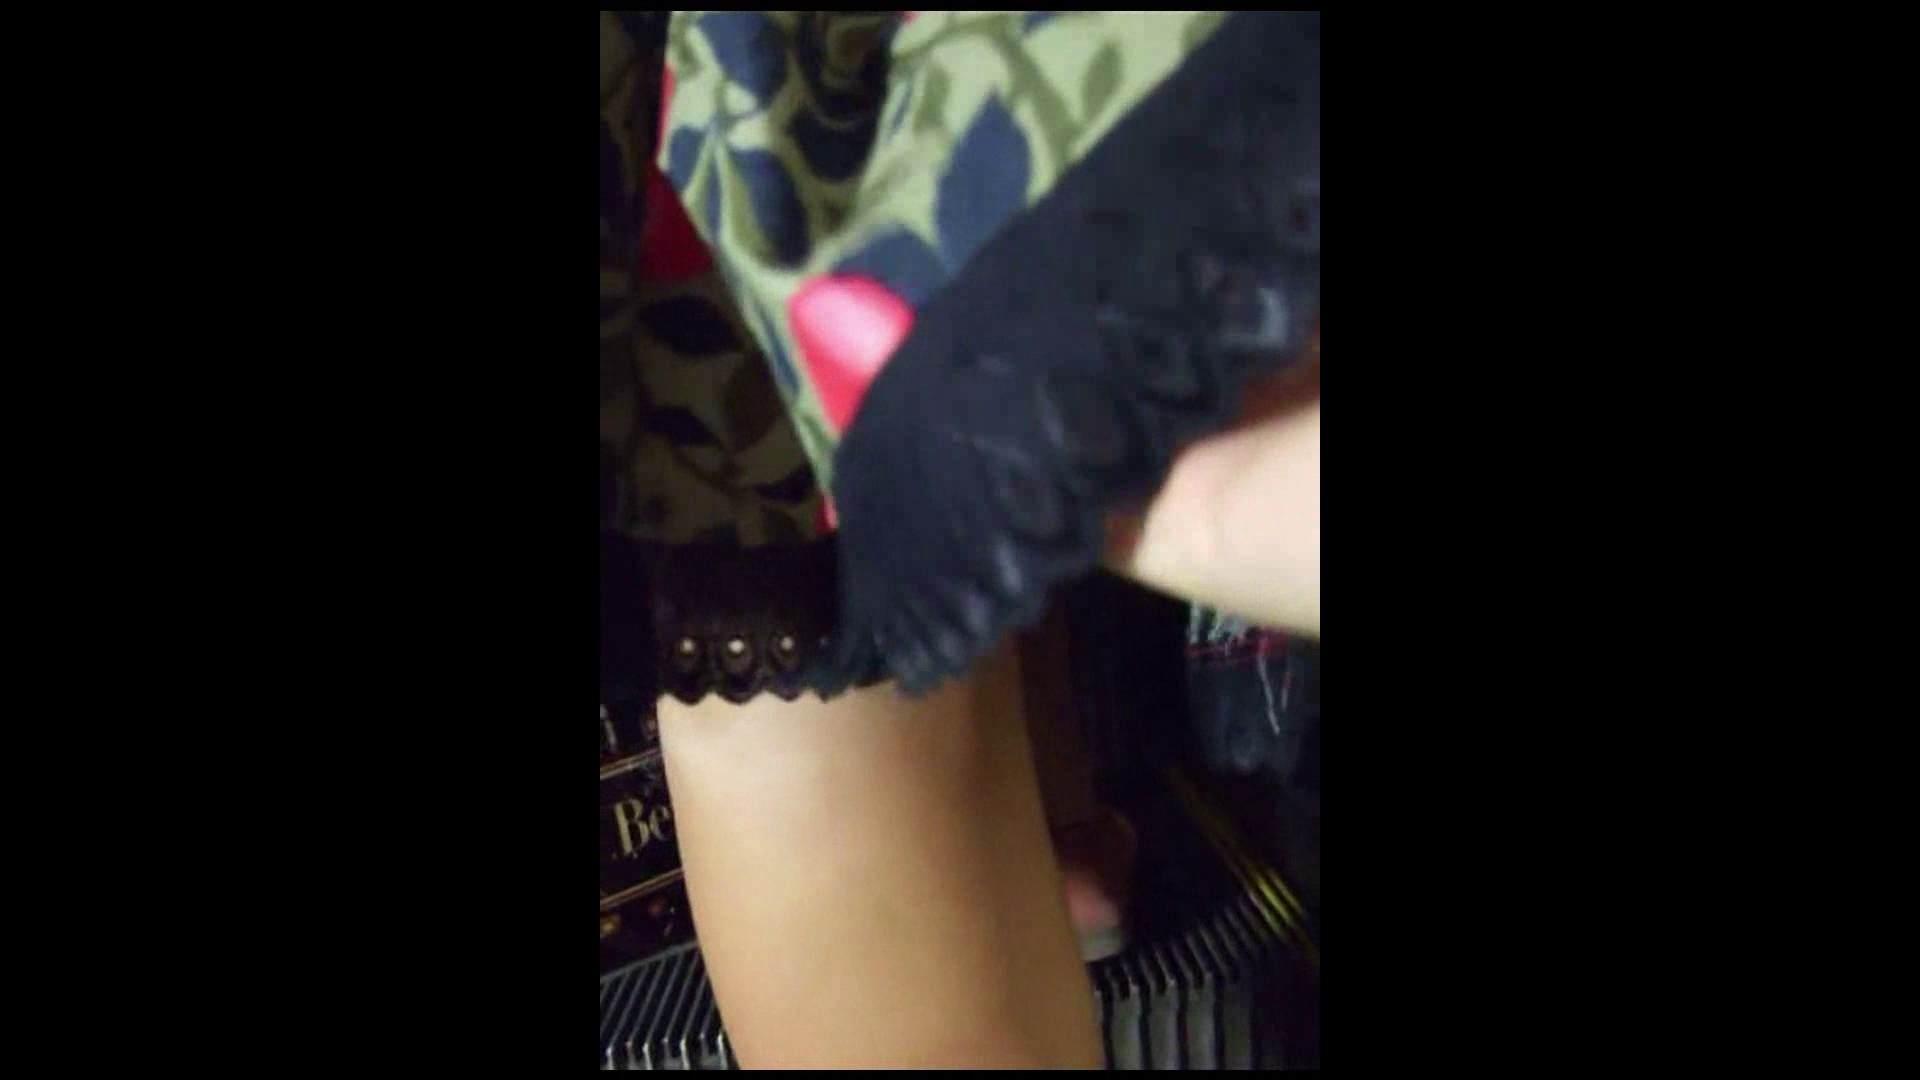 綺麗なモデルさんのスカート捲っちゃおう‼vol03 お姉さんのエロ生活 | モデルのエロ生活  98連発 76